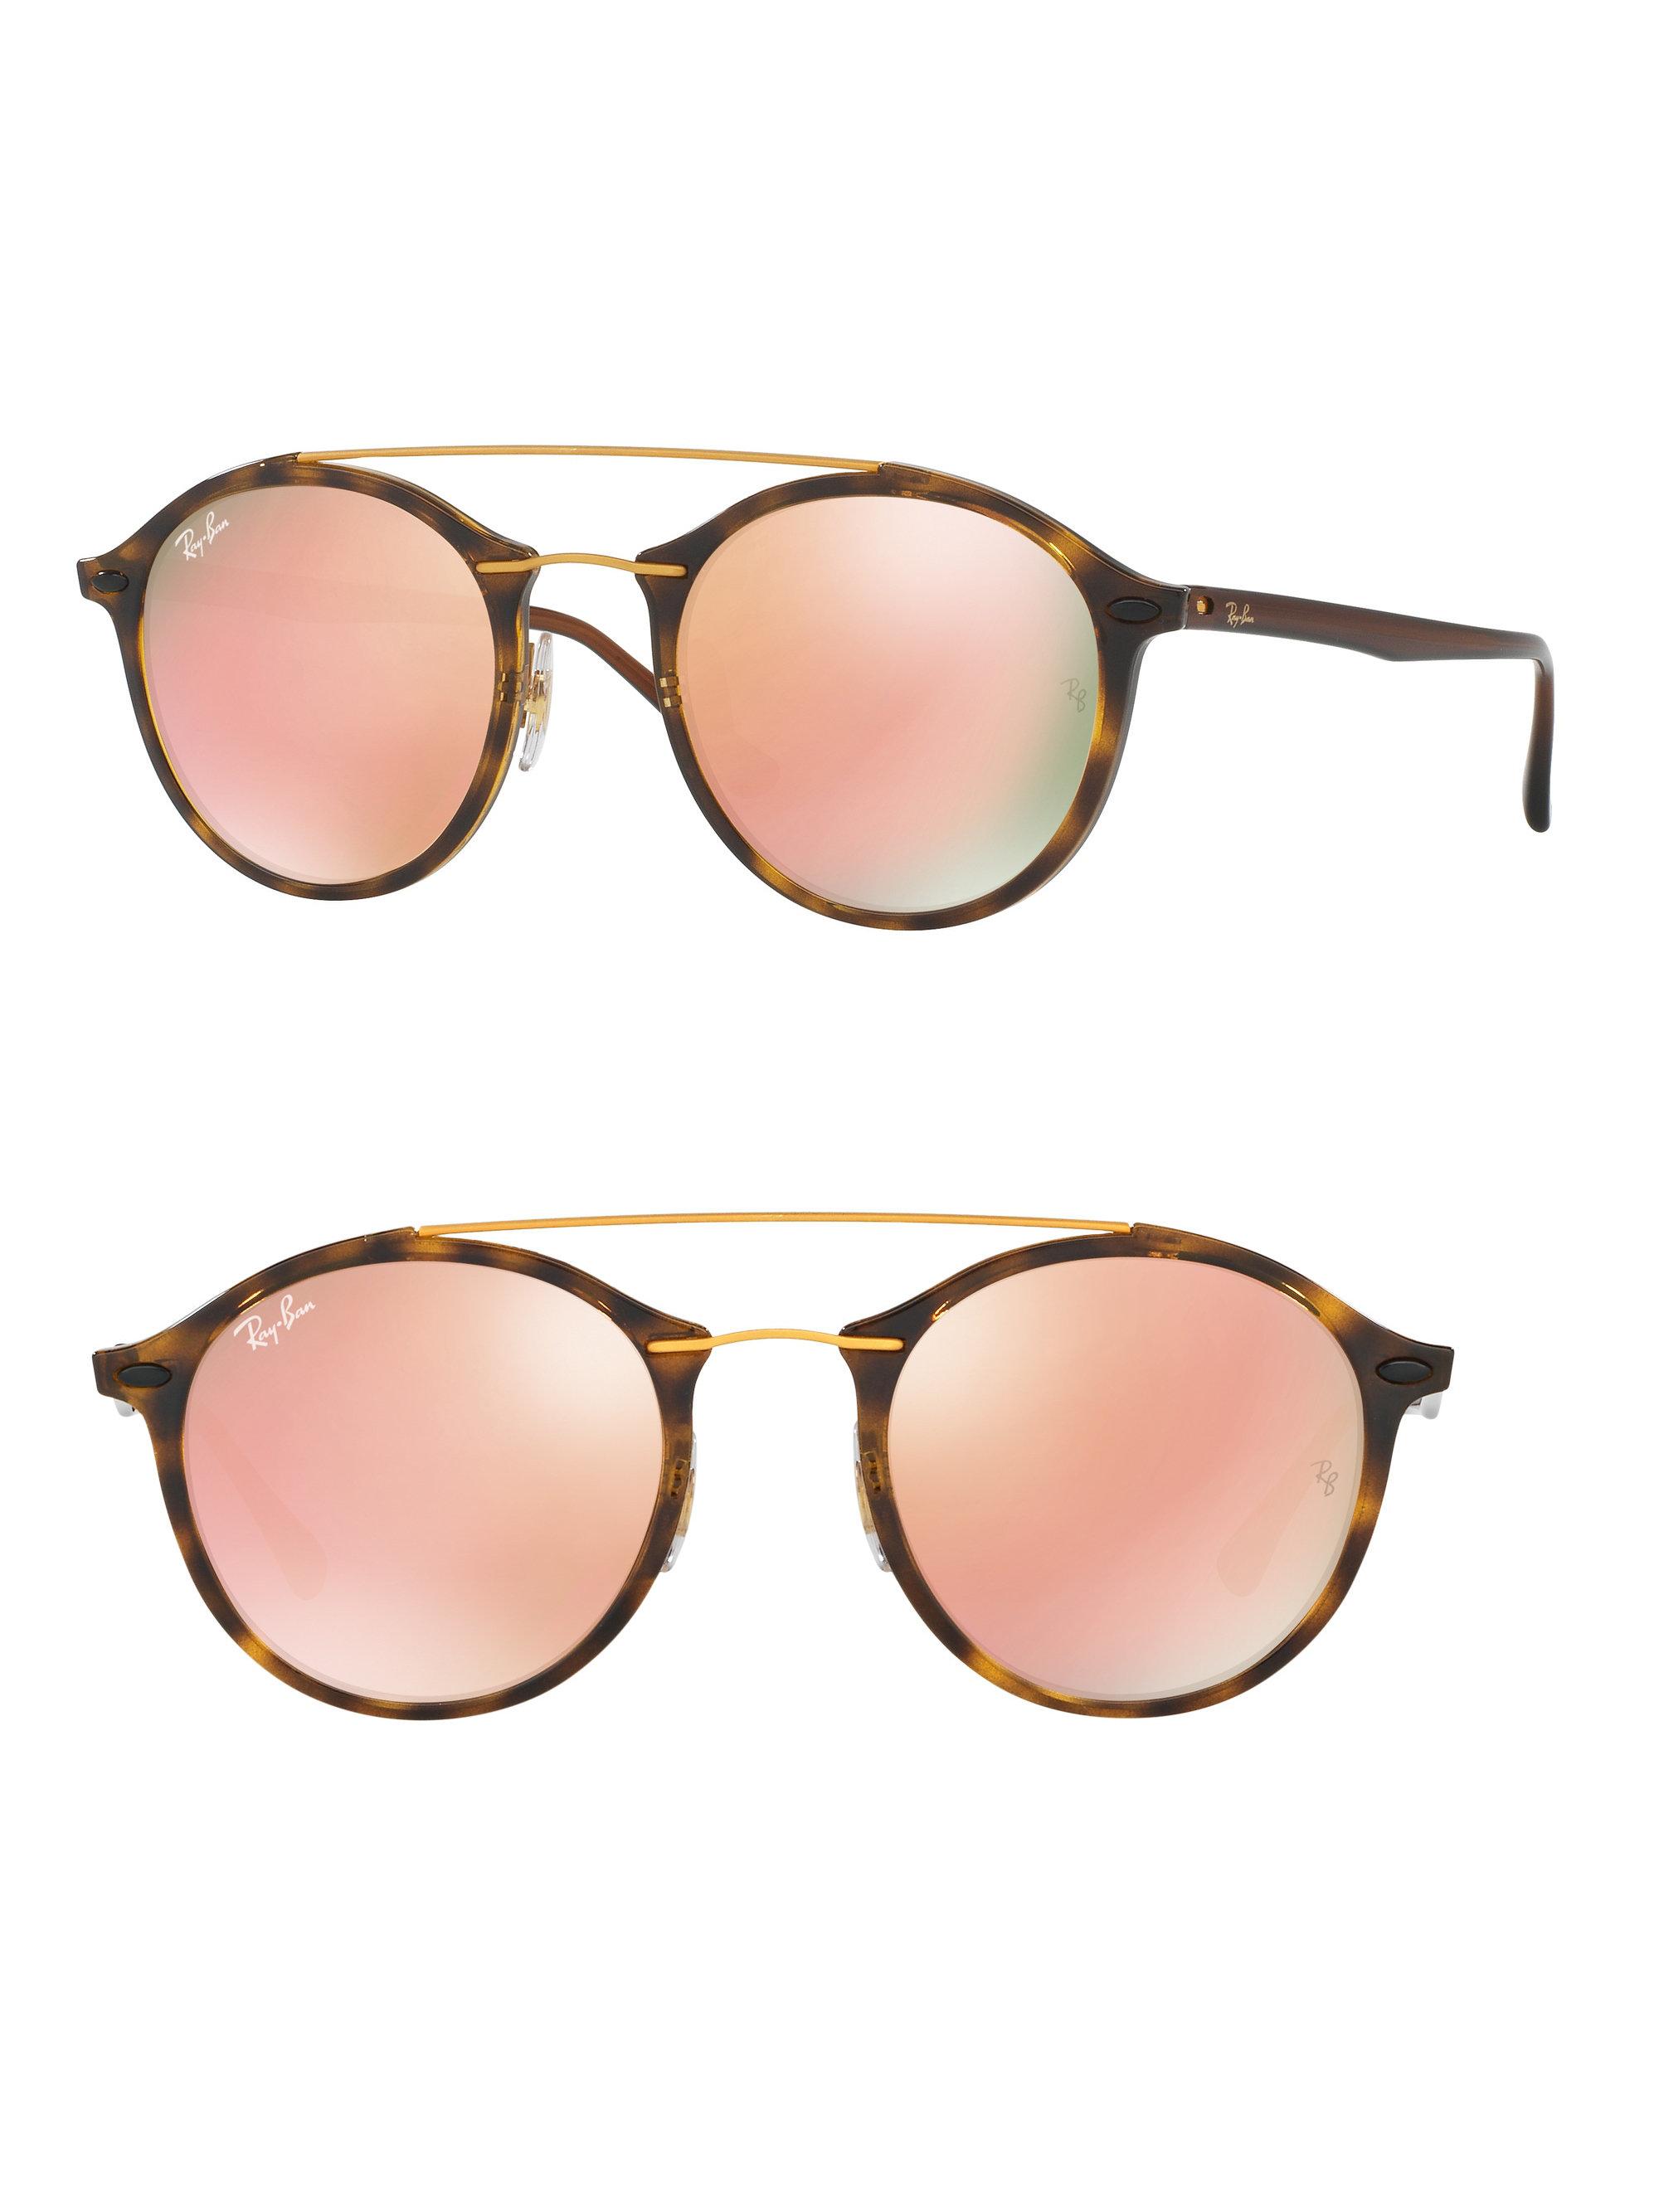 a71107e86e Ray-Ban Phantos Double-bridge Mirrored Sunglasses - Lyst